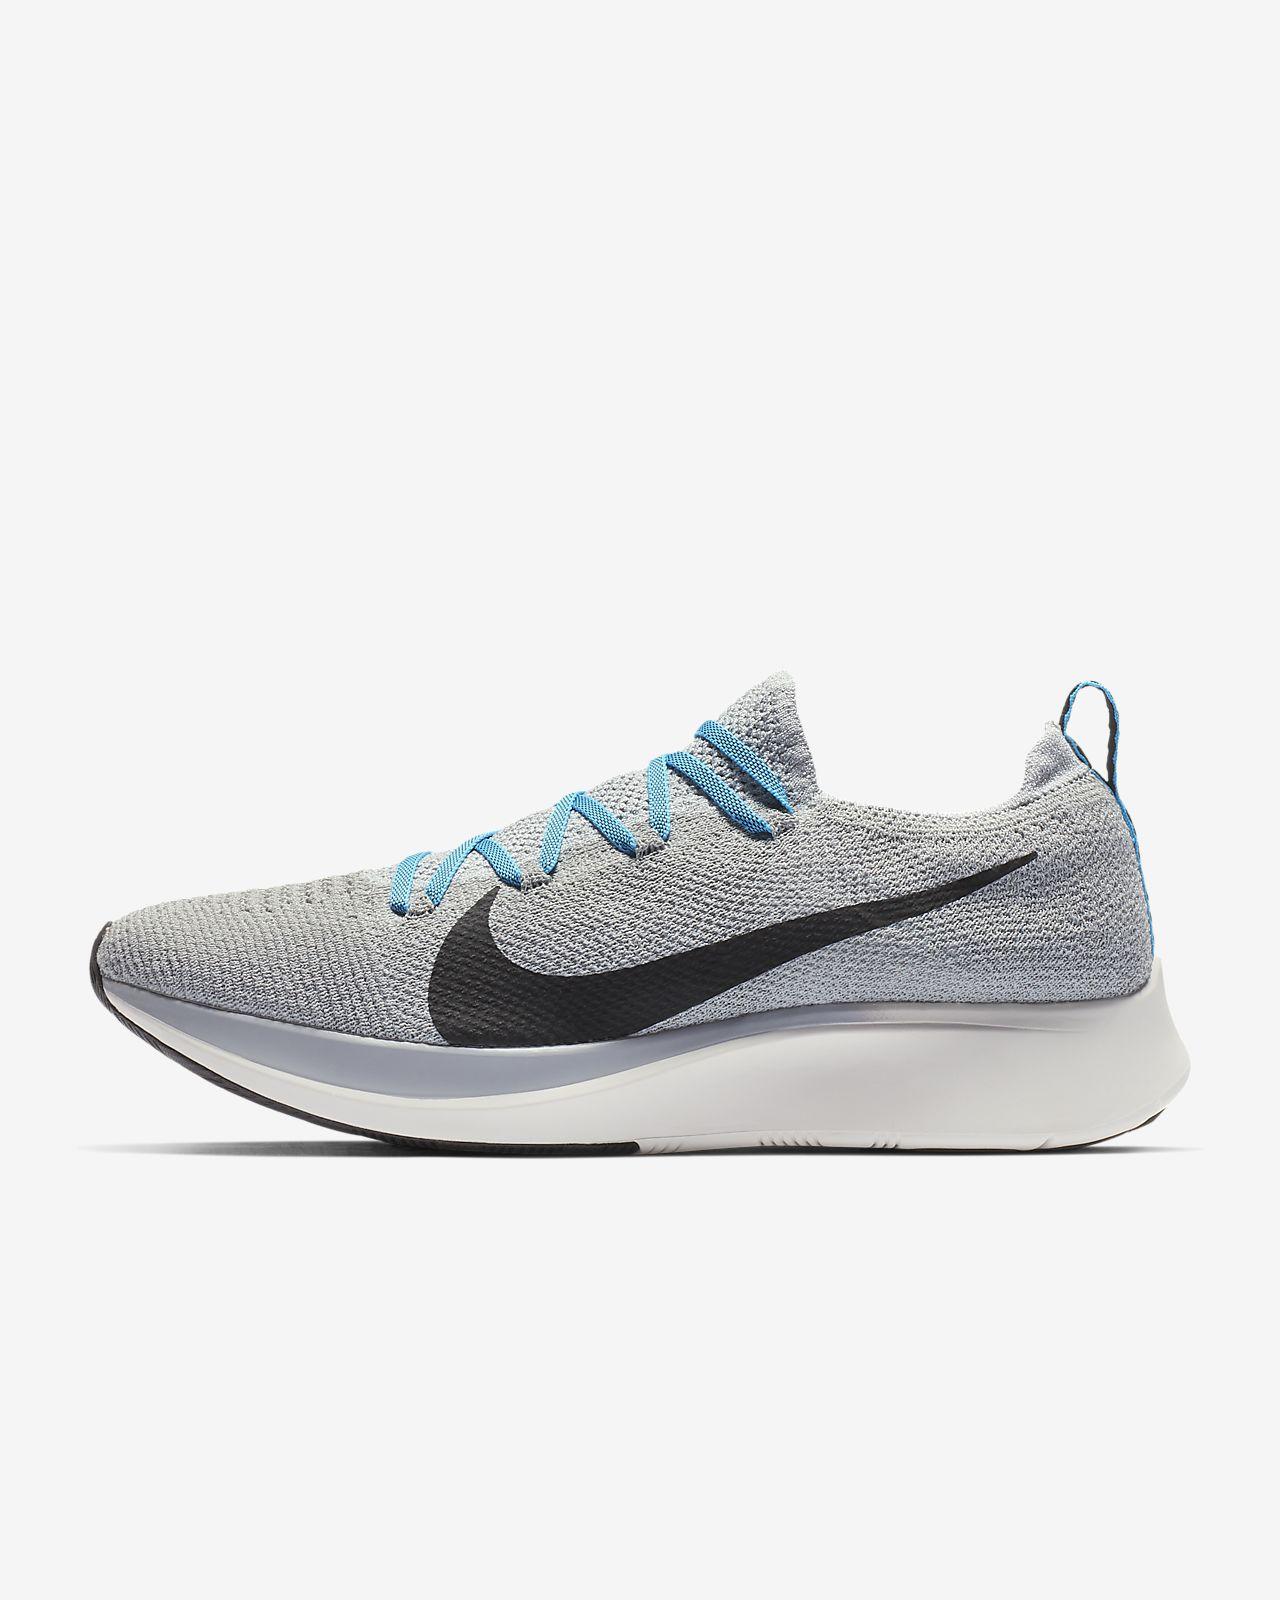 6efed519e62 Men s Running Shoe. Nike Zoom Fly Flyknit. 111.97 €. 160 €